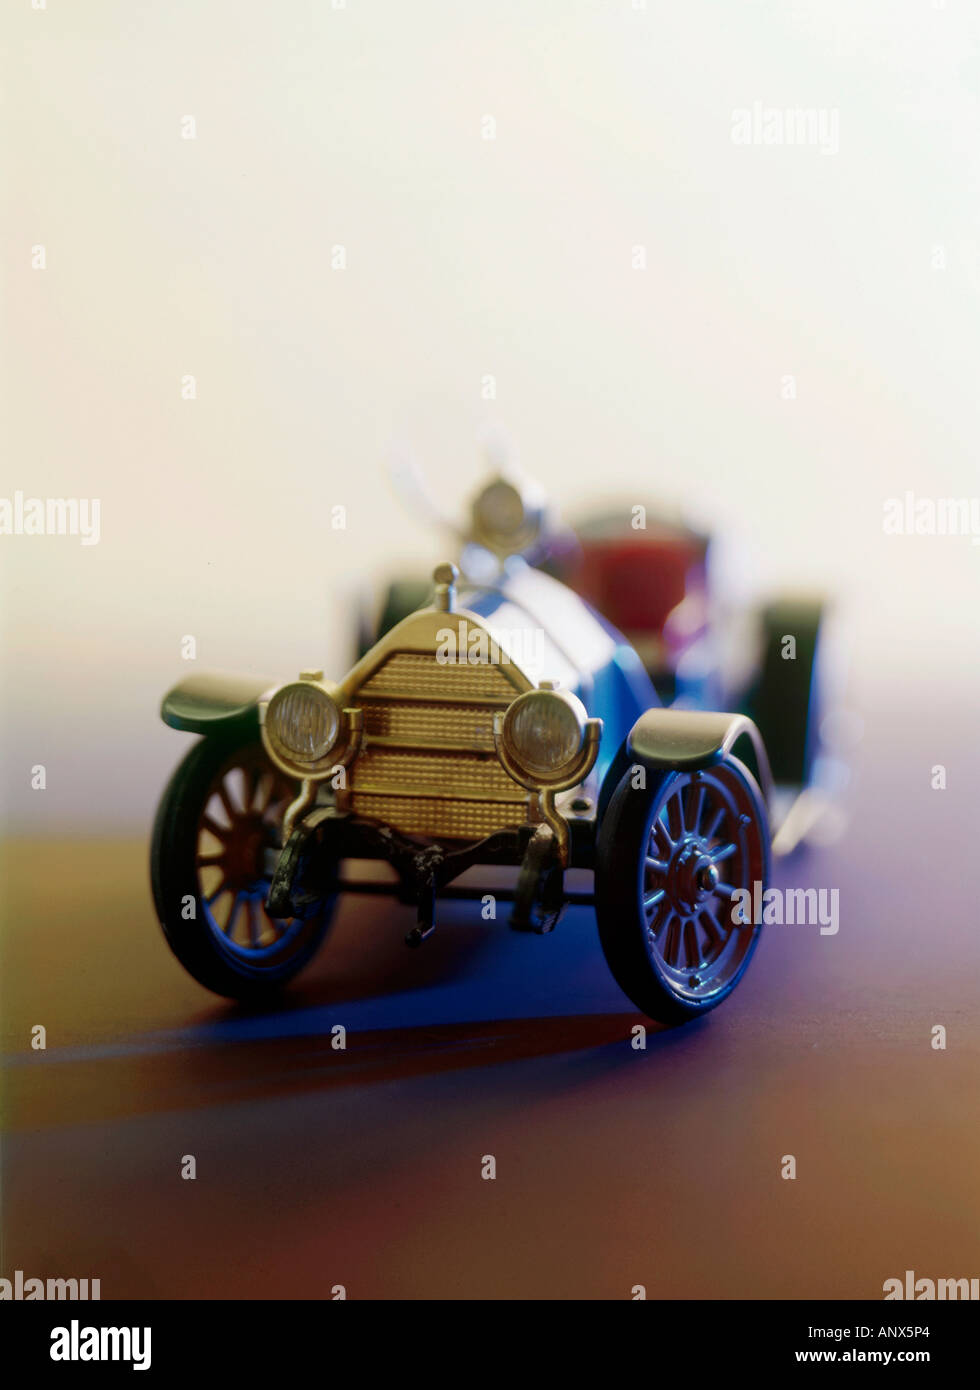 Modell der Oldtimer Auto nur zur redaktionellen Verwendung Stockbild